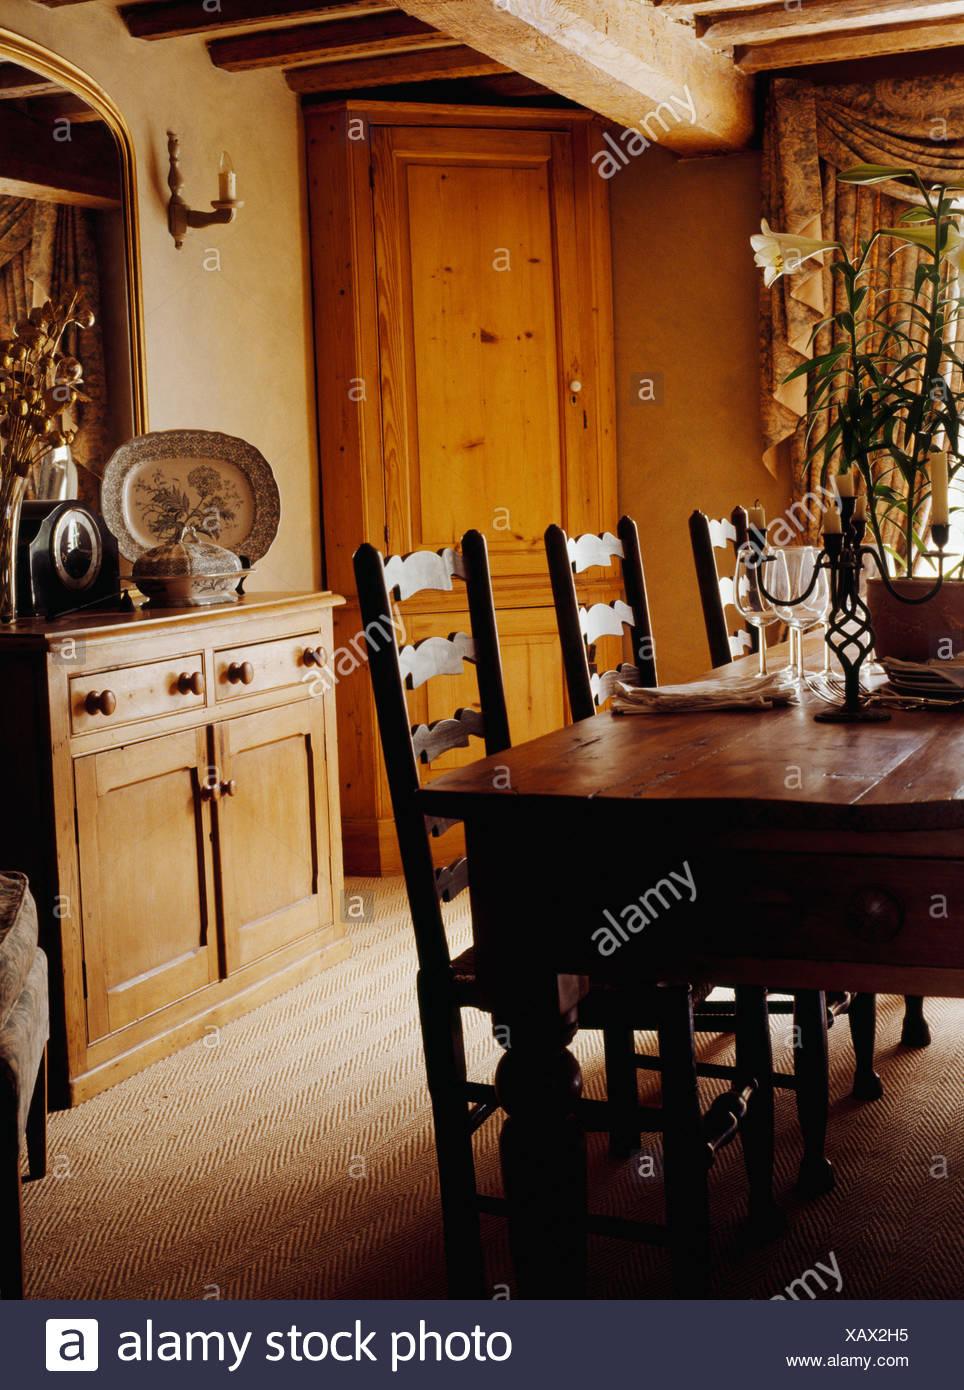 Antike Eiche Tisch Und Ladderback Stuhle Im Cottage Esszimmer Kiefer